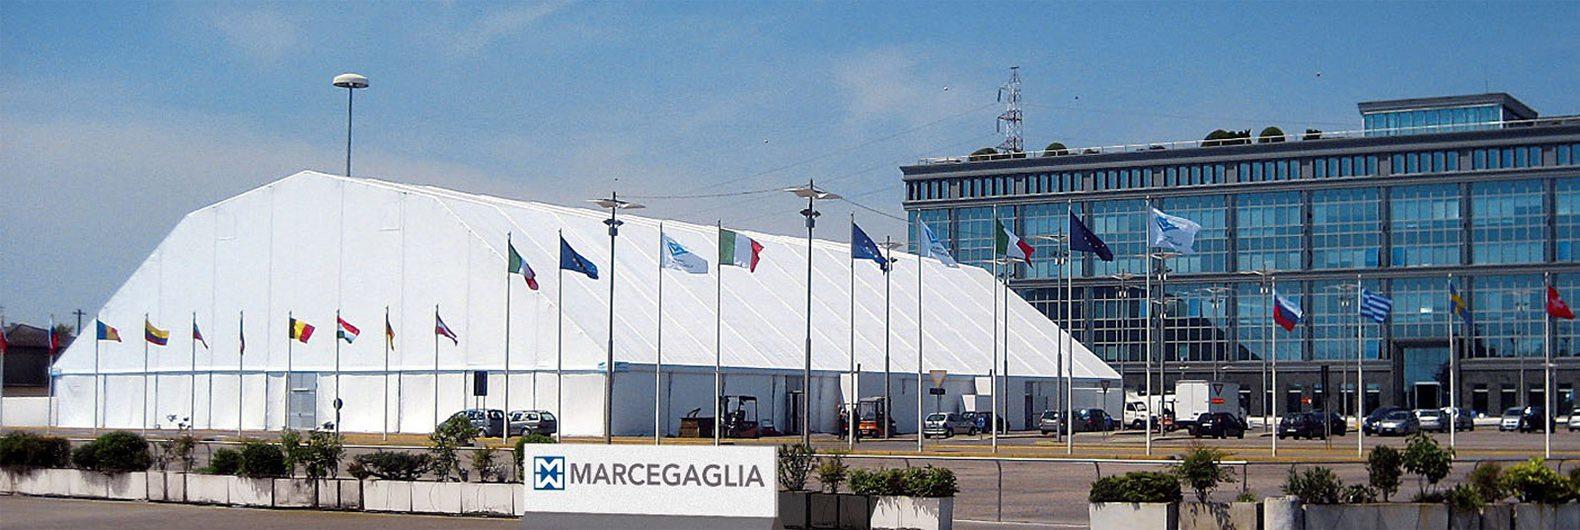 cúpula domo geodésica y carpas para bodas eventos fiestas exposición seminario conferencia Tienda de minería y almacén glamping hotel domo (3)